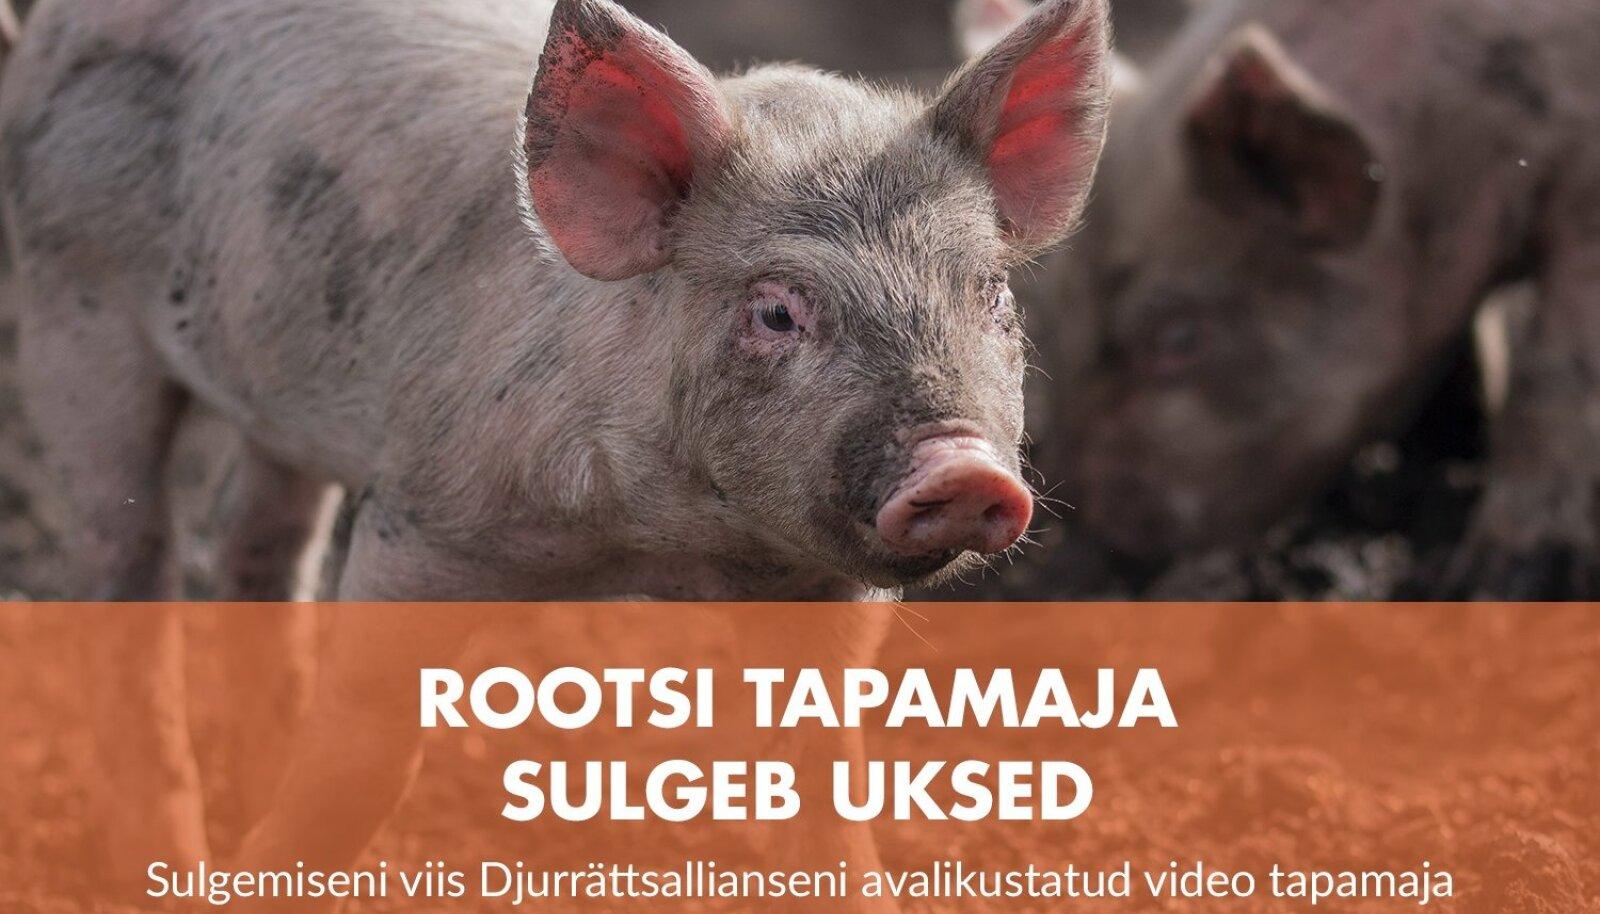 Rootsi tapamaja peab loomade väärkohtlemise tõttu uksed sulgema